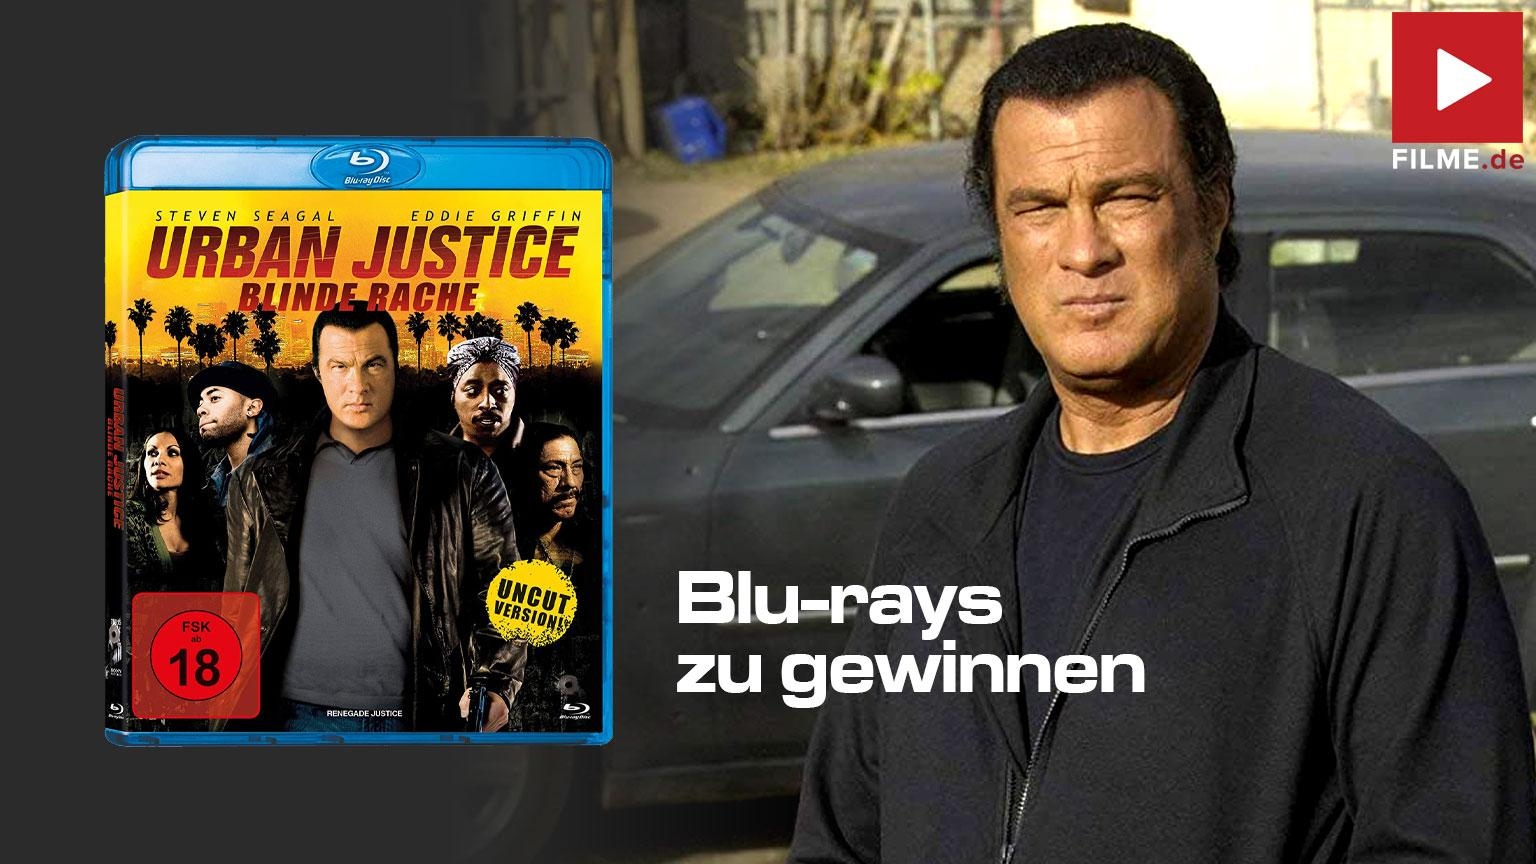 Urban Justice Blinde Rache Blu-ray DVD Gewinnspiel gewinnen shop kaufen Artikelbild